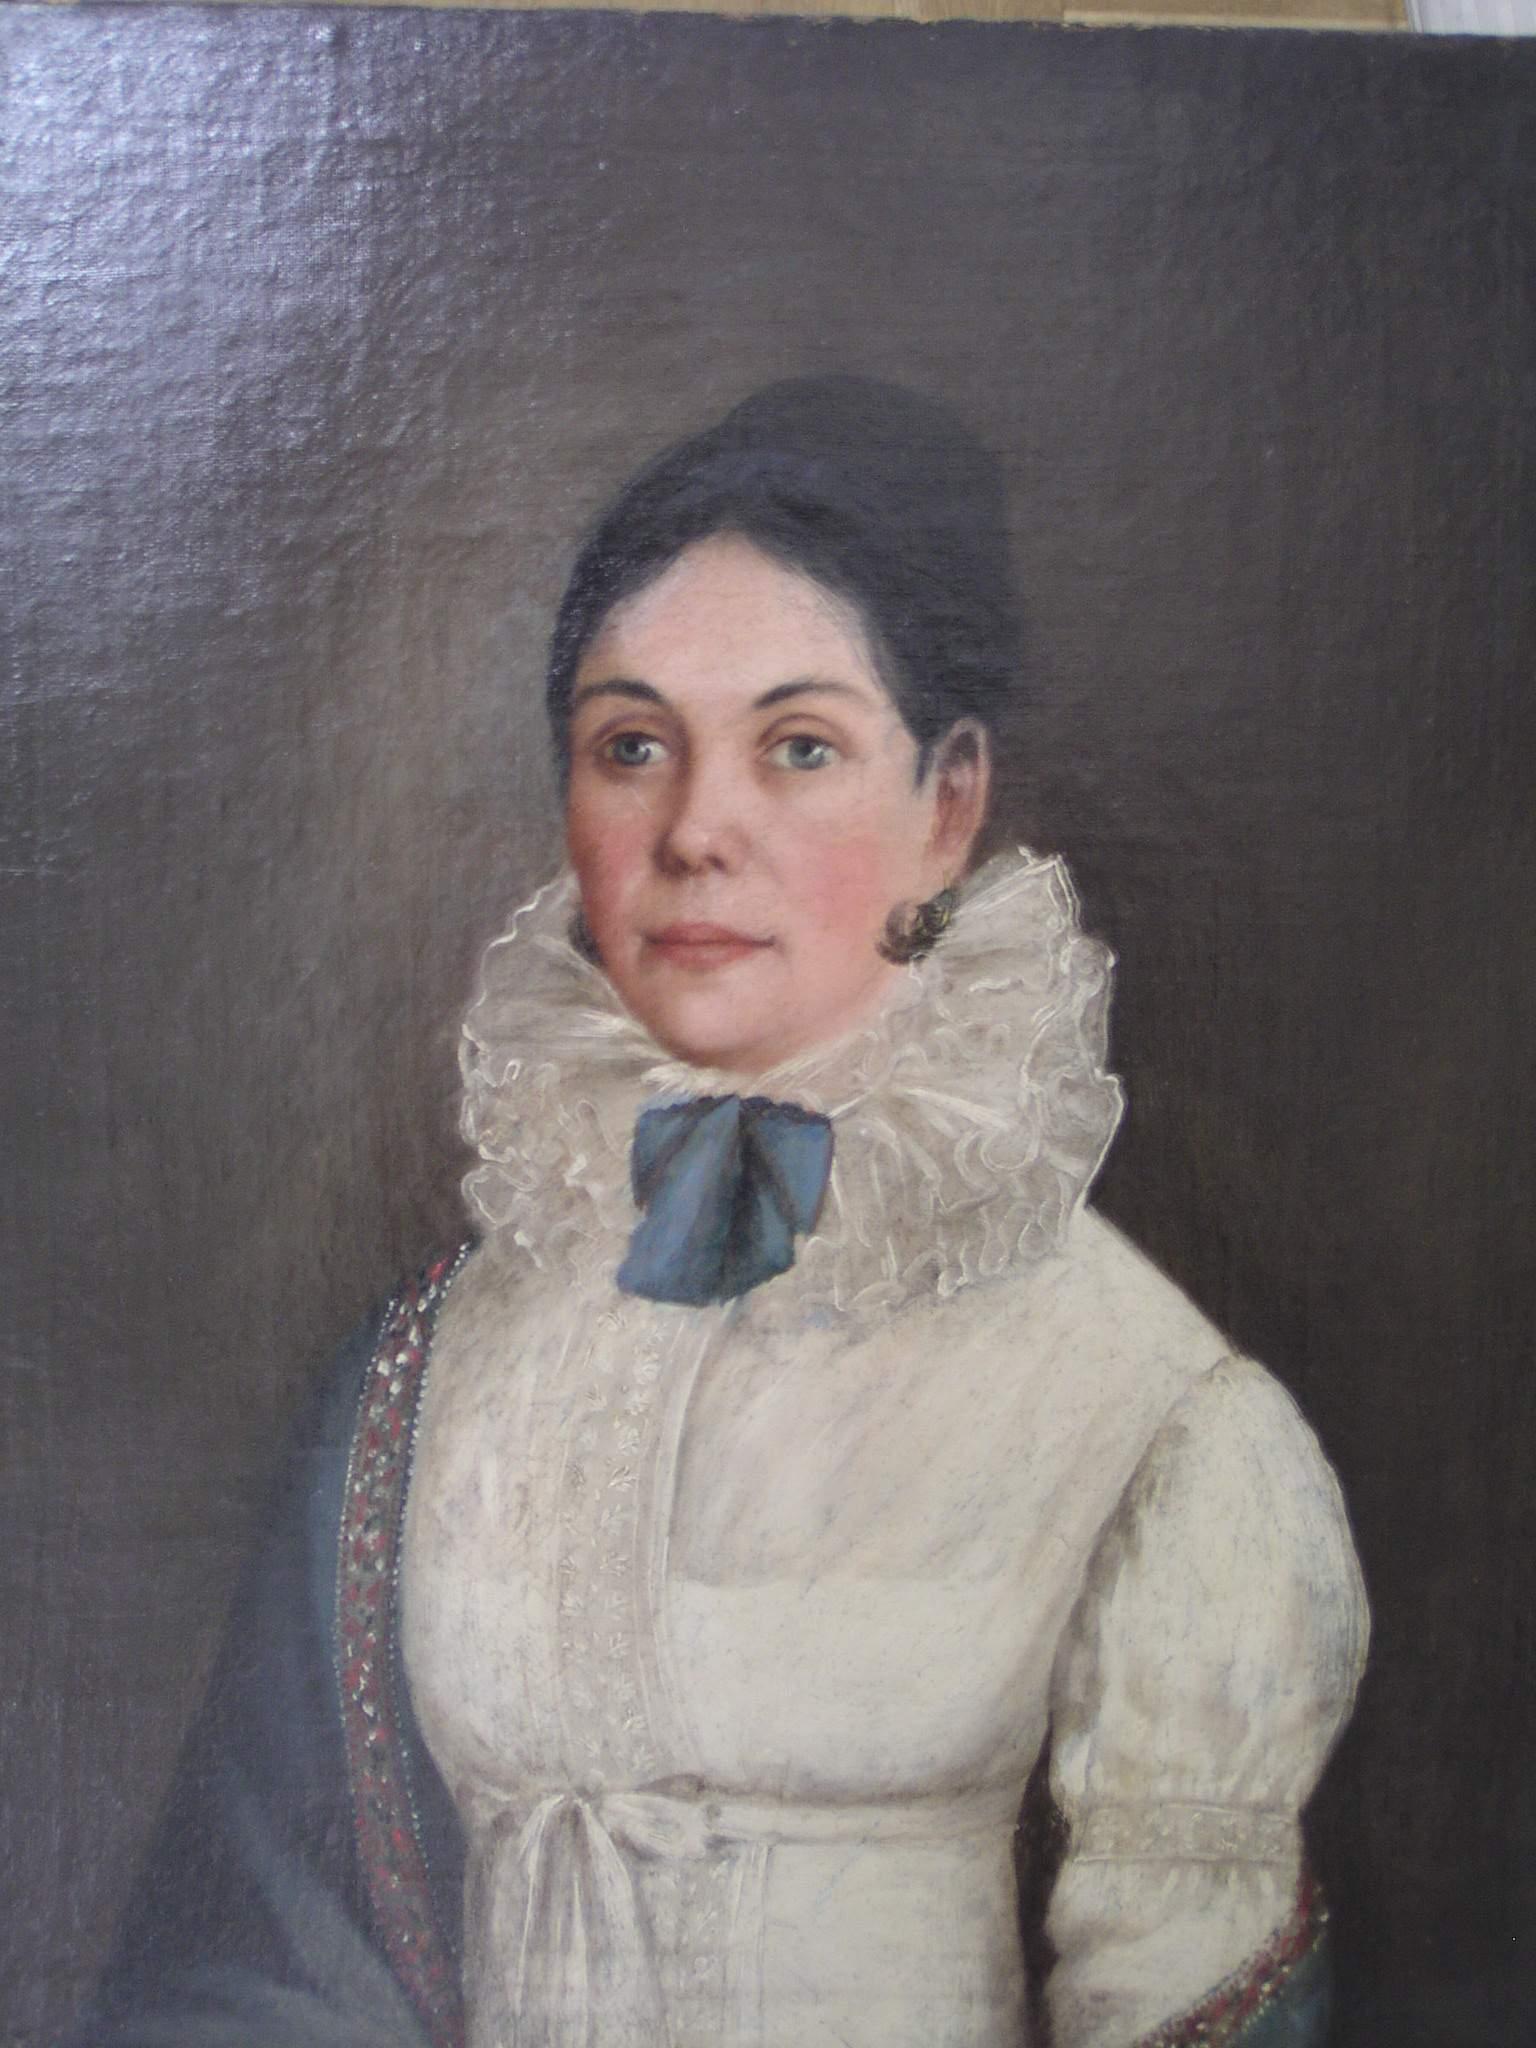 Александра Илларионовна Пушкина, рождённая Молчанова (?-1824).